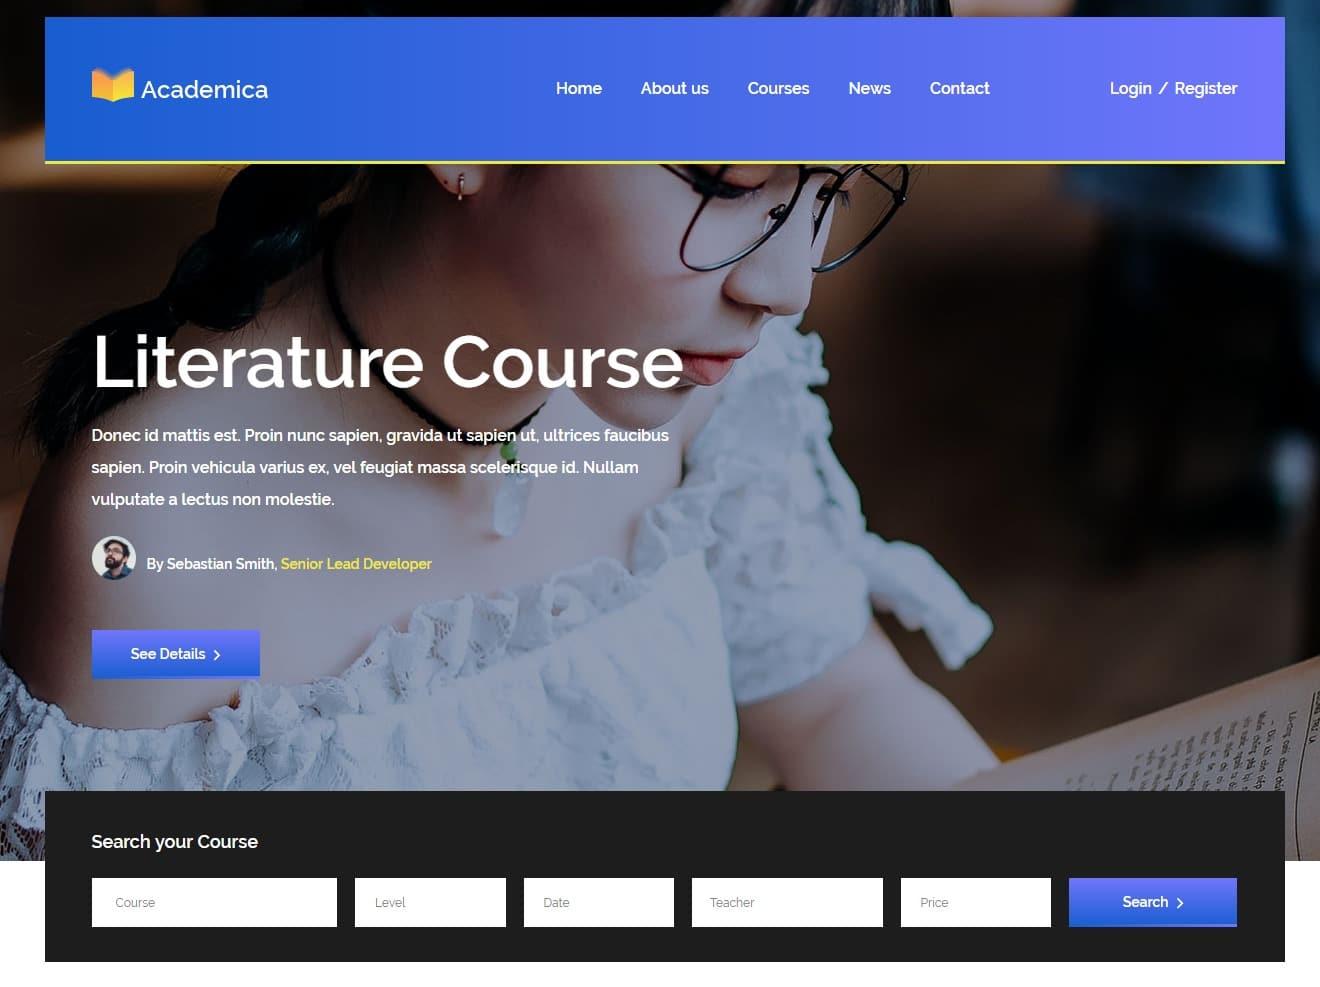 academica-free-kindergarten-website-template